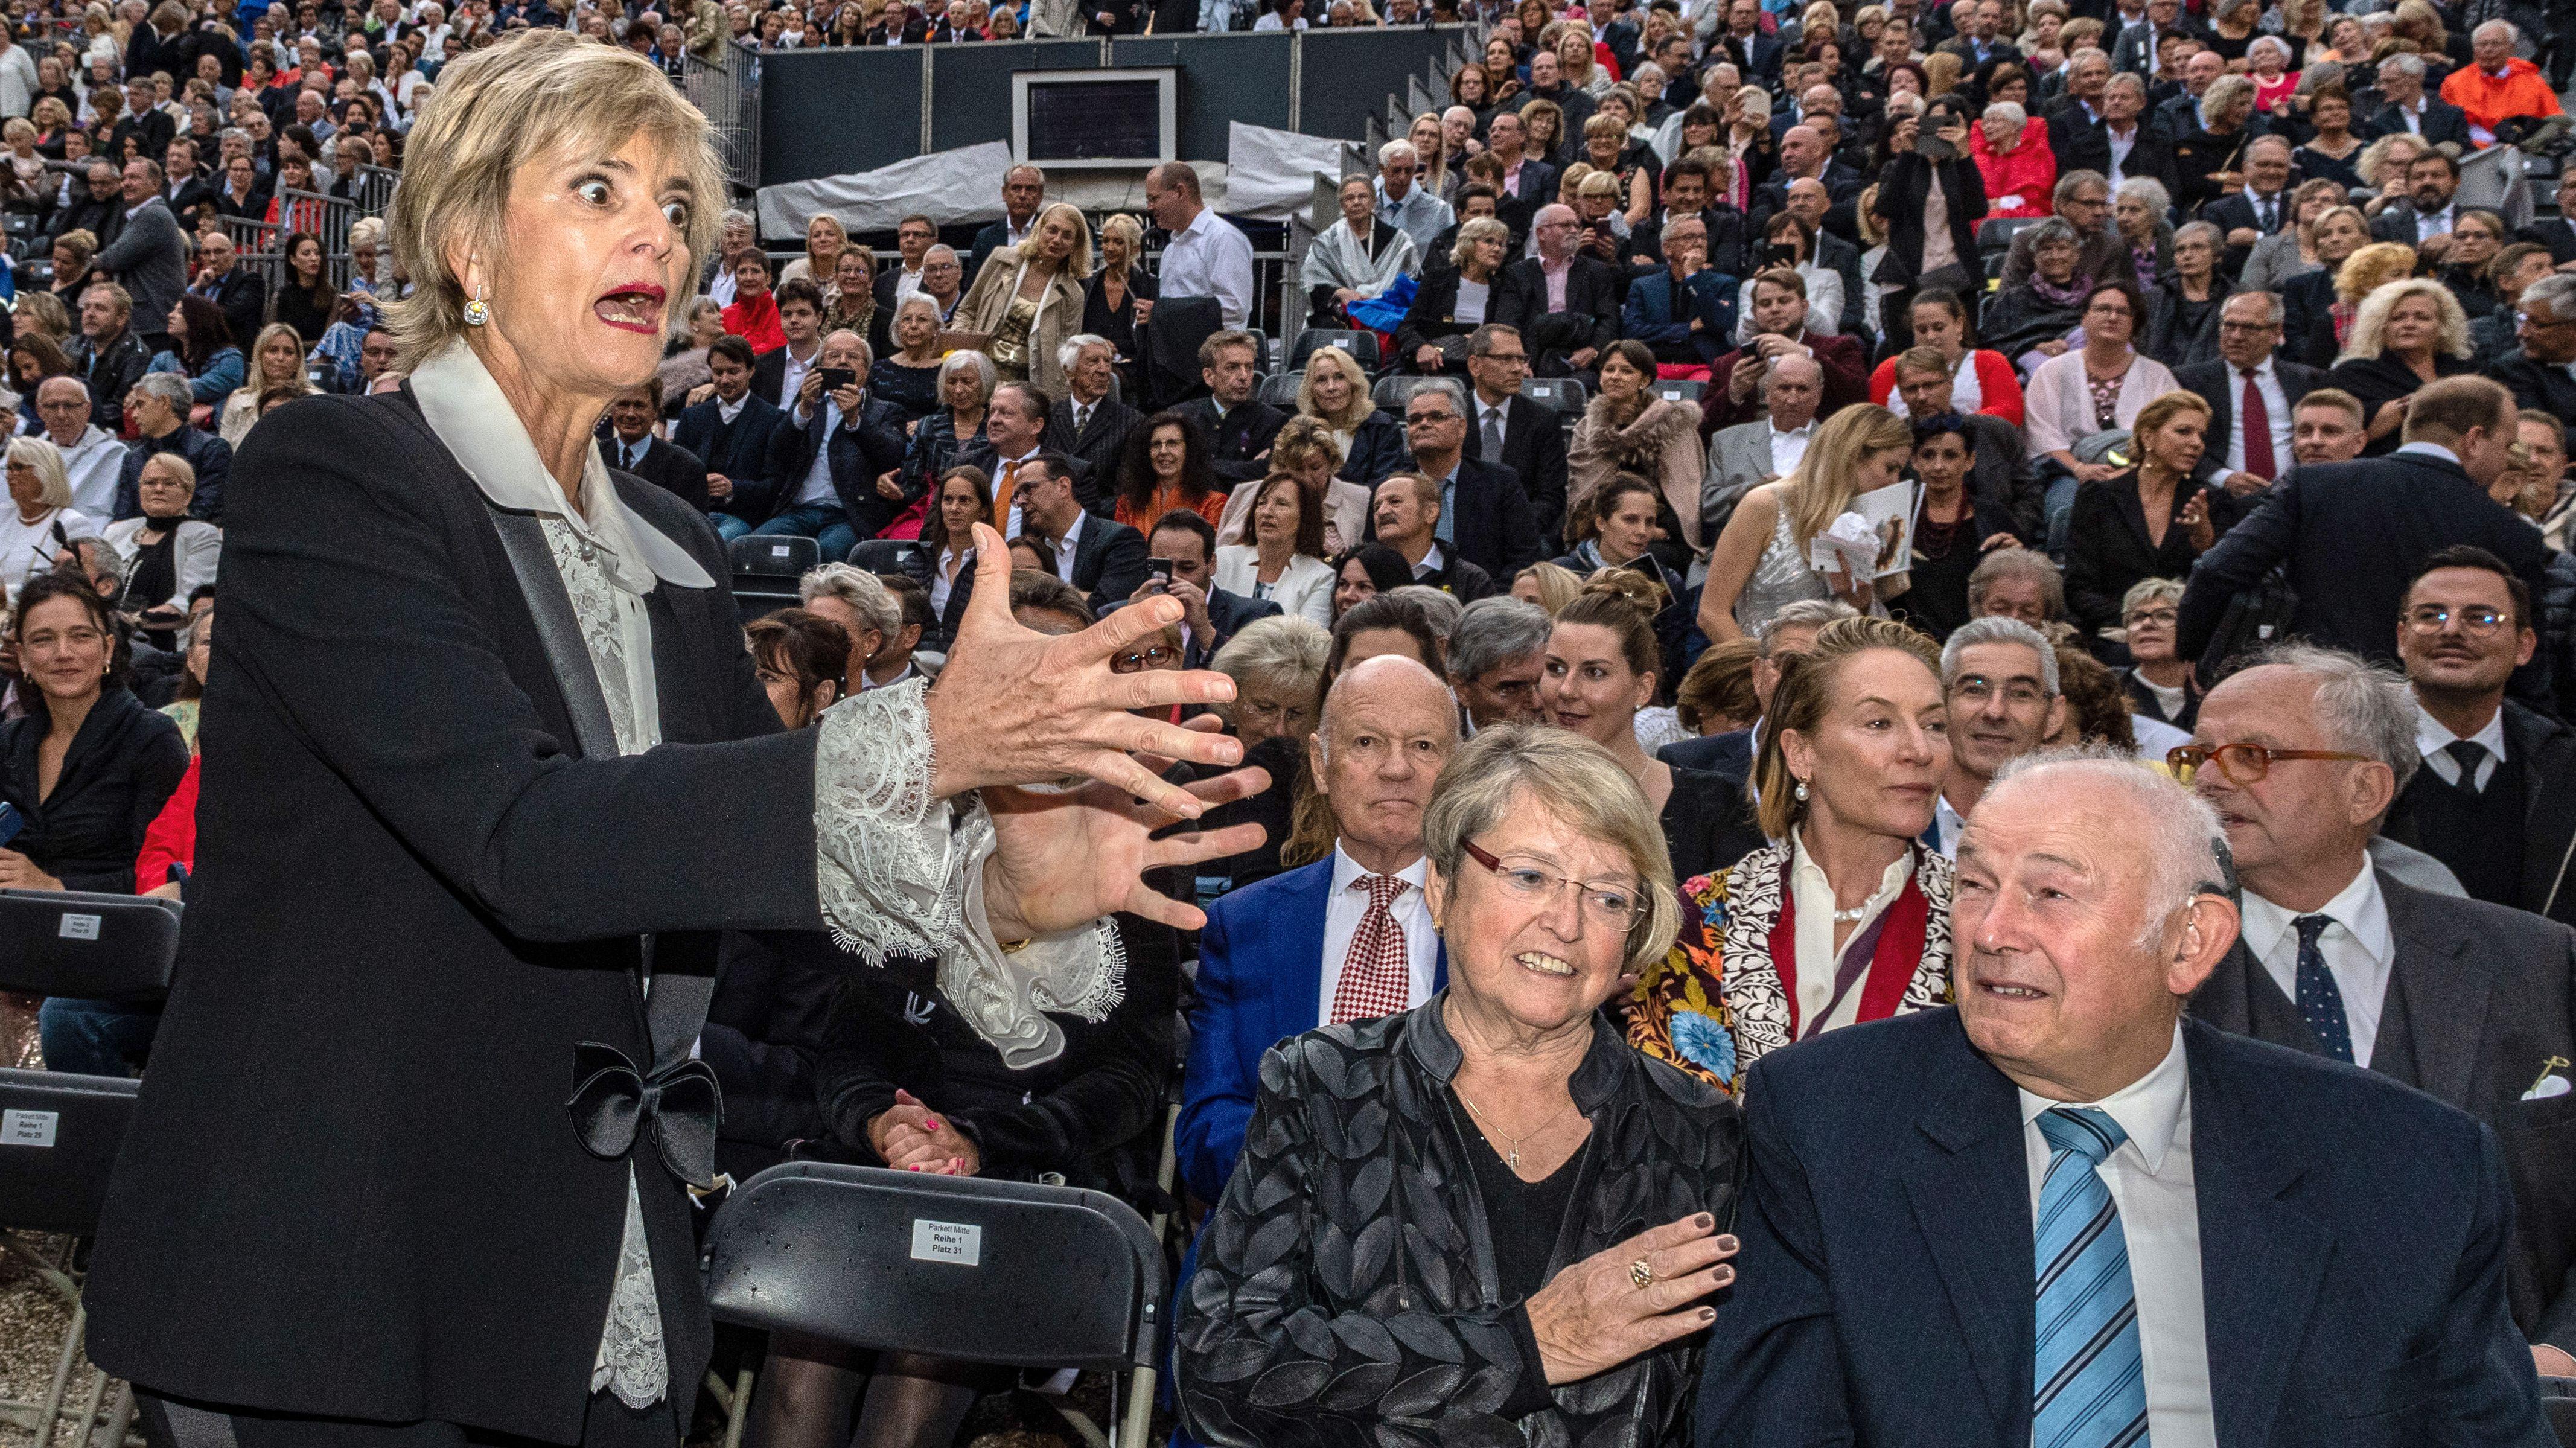 Hausherrin Gloria scherzt mit dem früheren Ministerpräsidenten Günther Beckstein